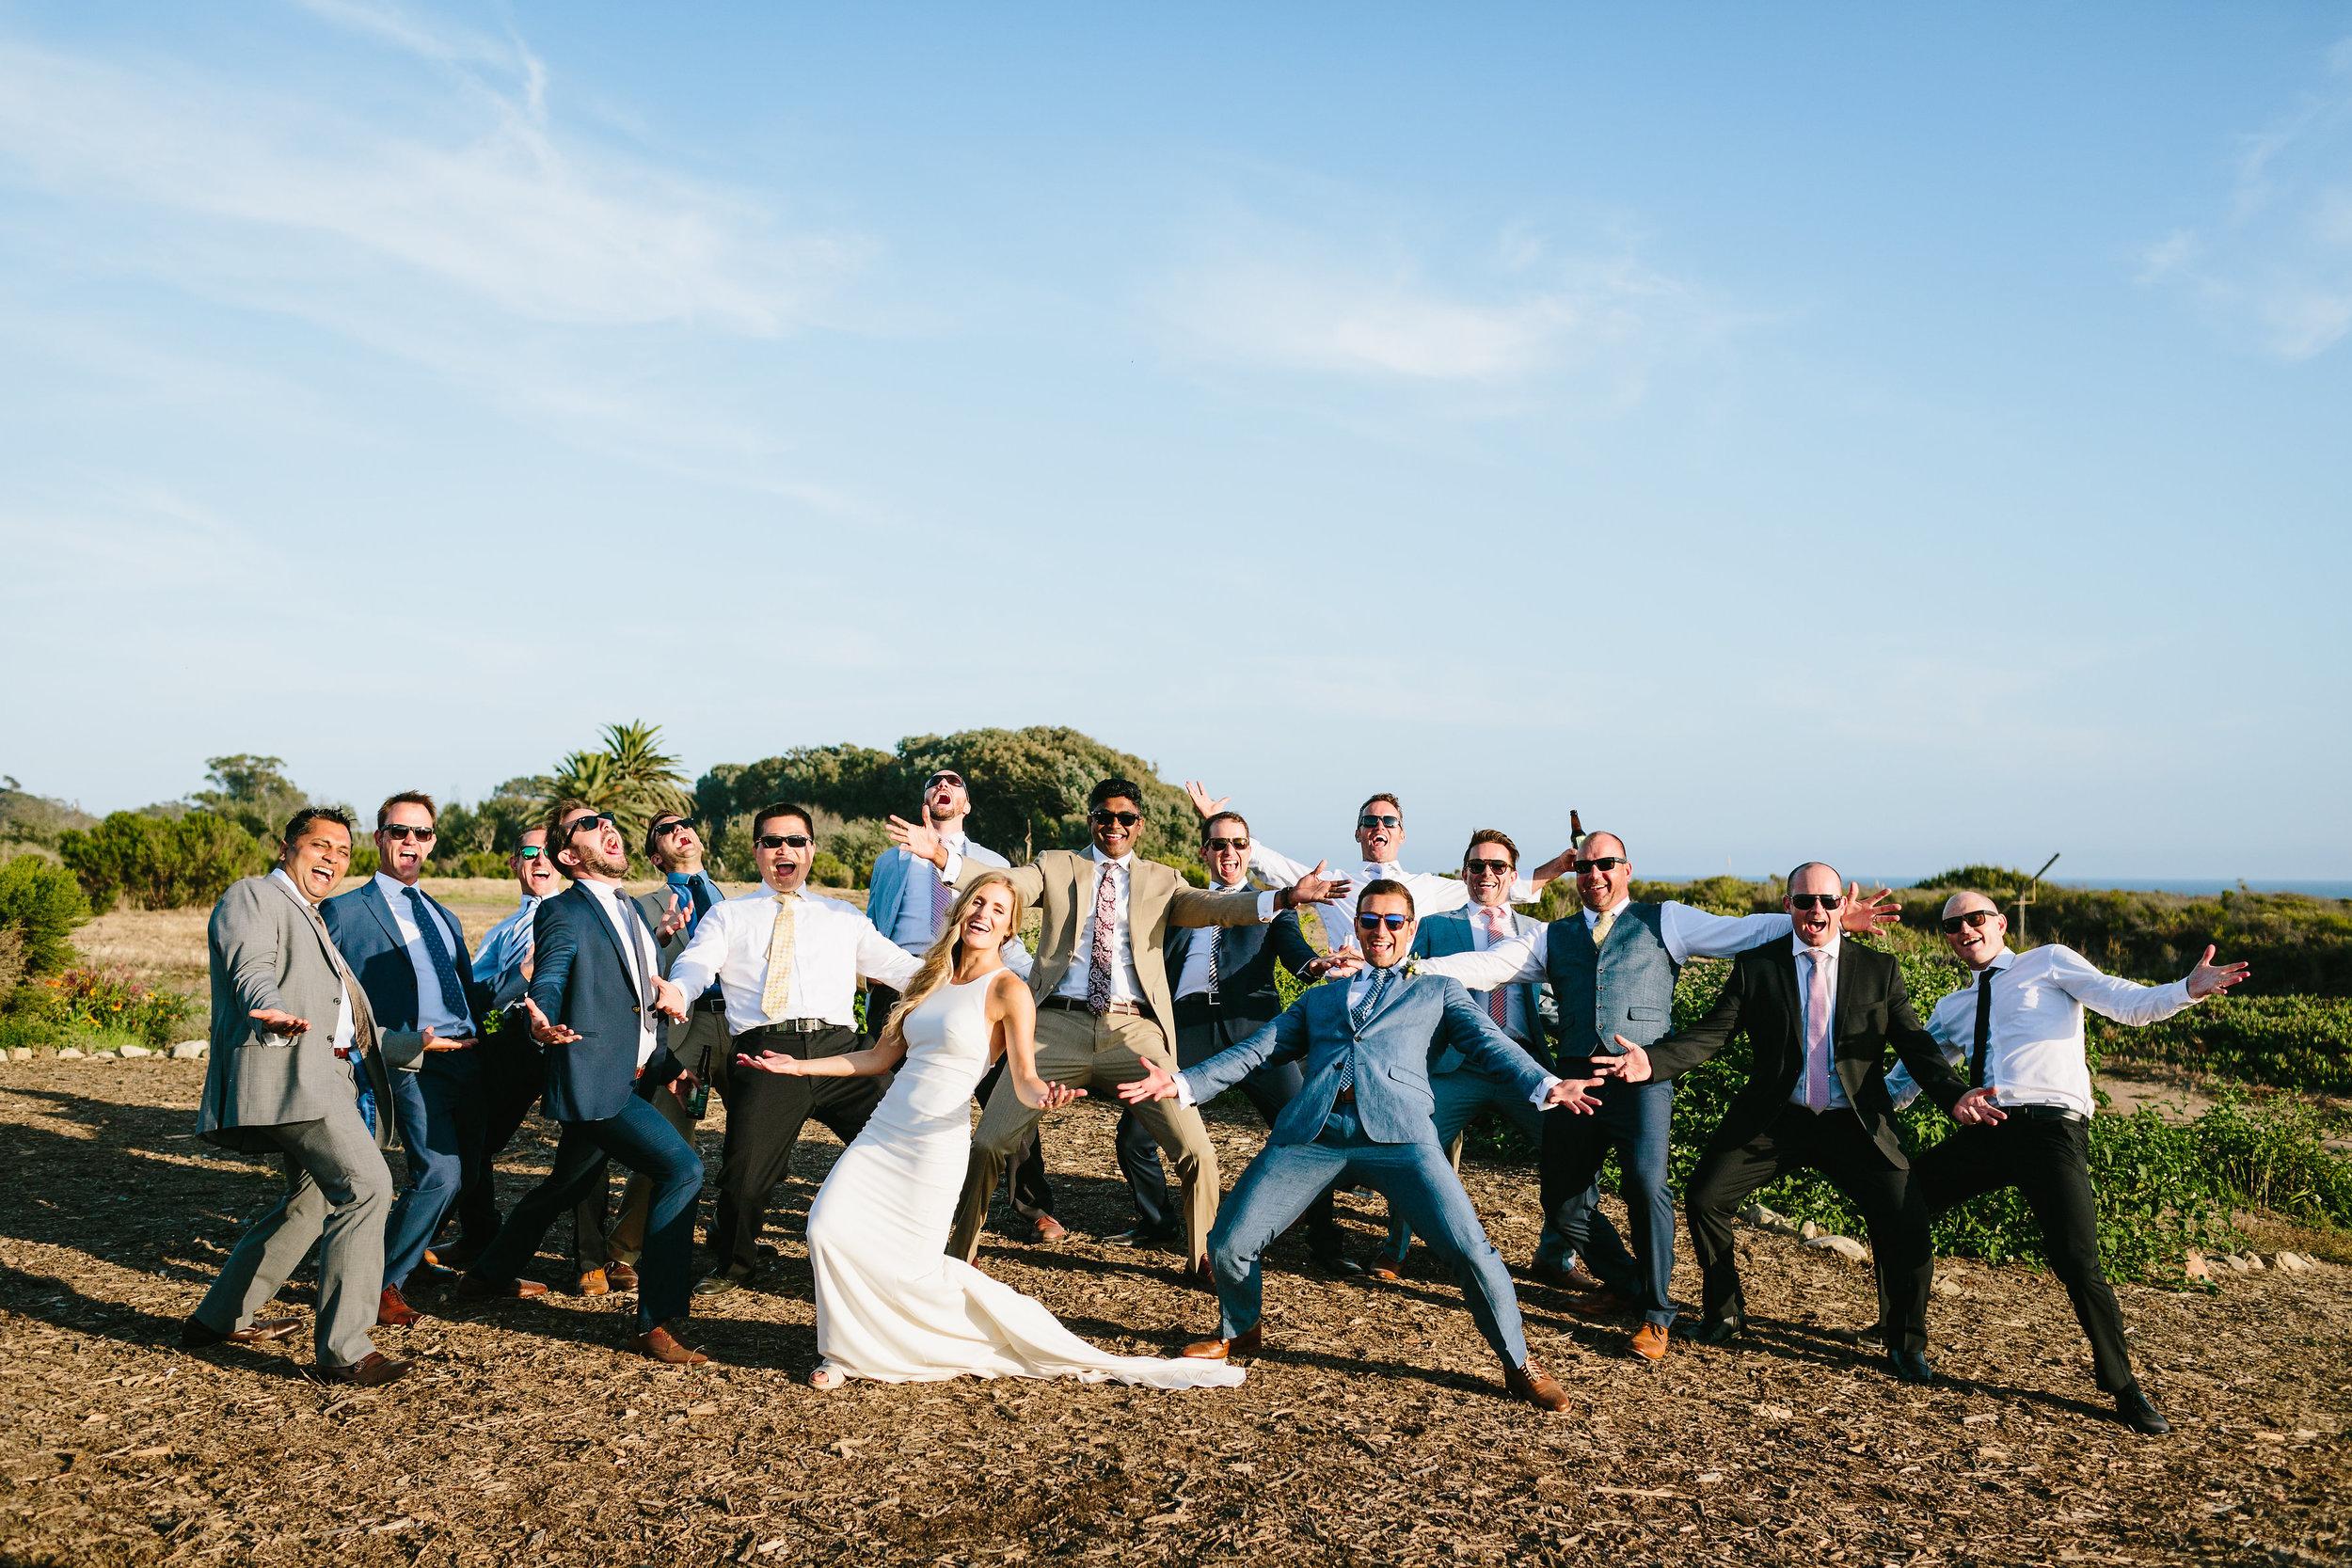 www.santabarbarawedding.com | Jodee Debes | Dos Pueblos Orchid Farm | Bridal Party